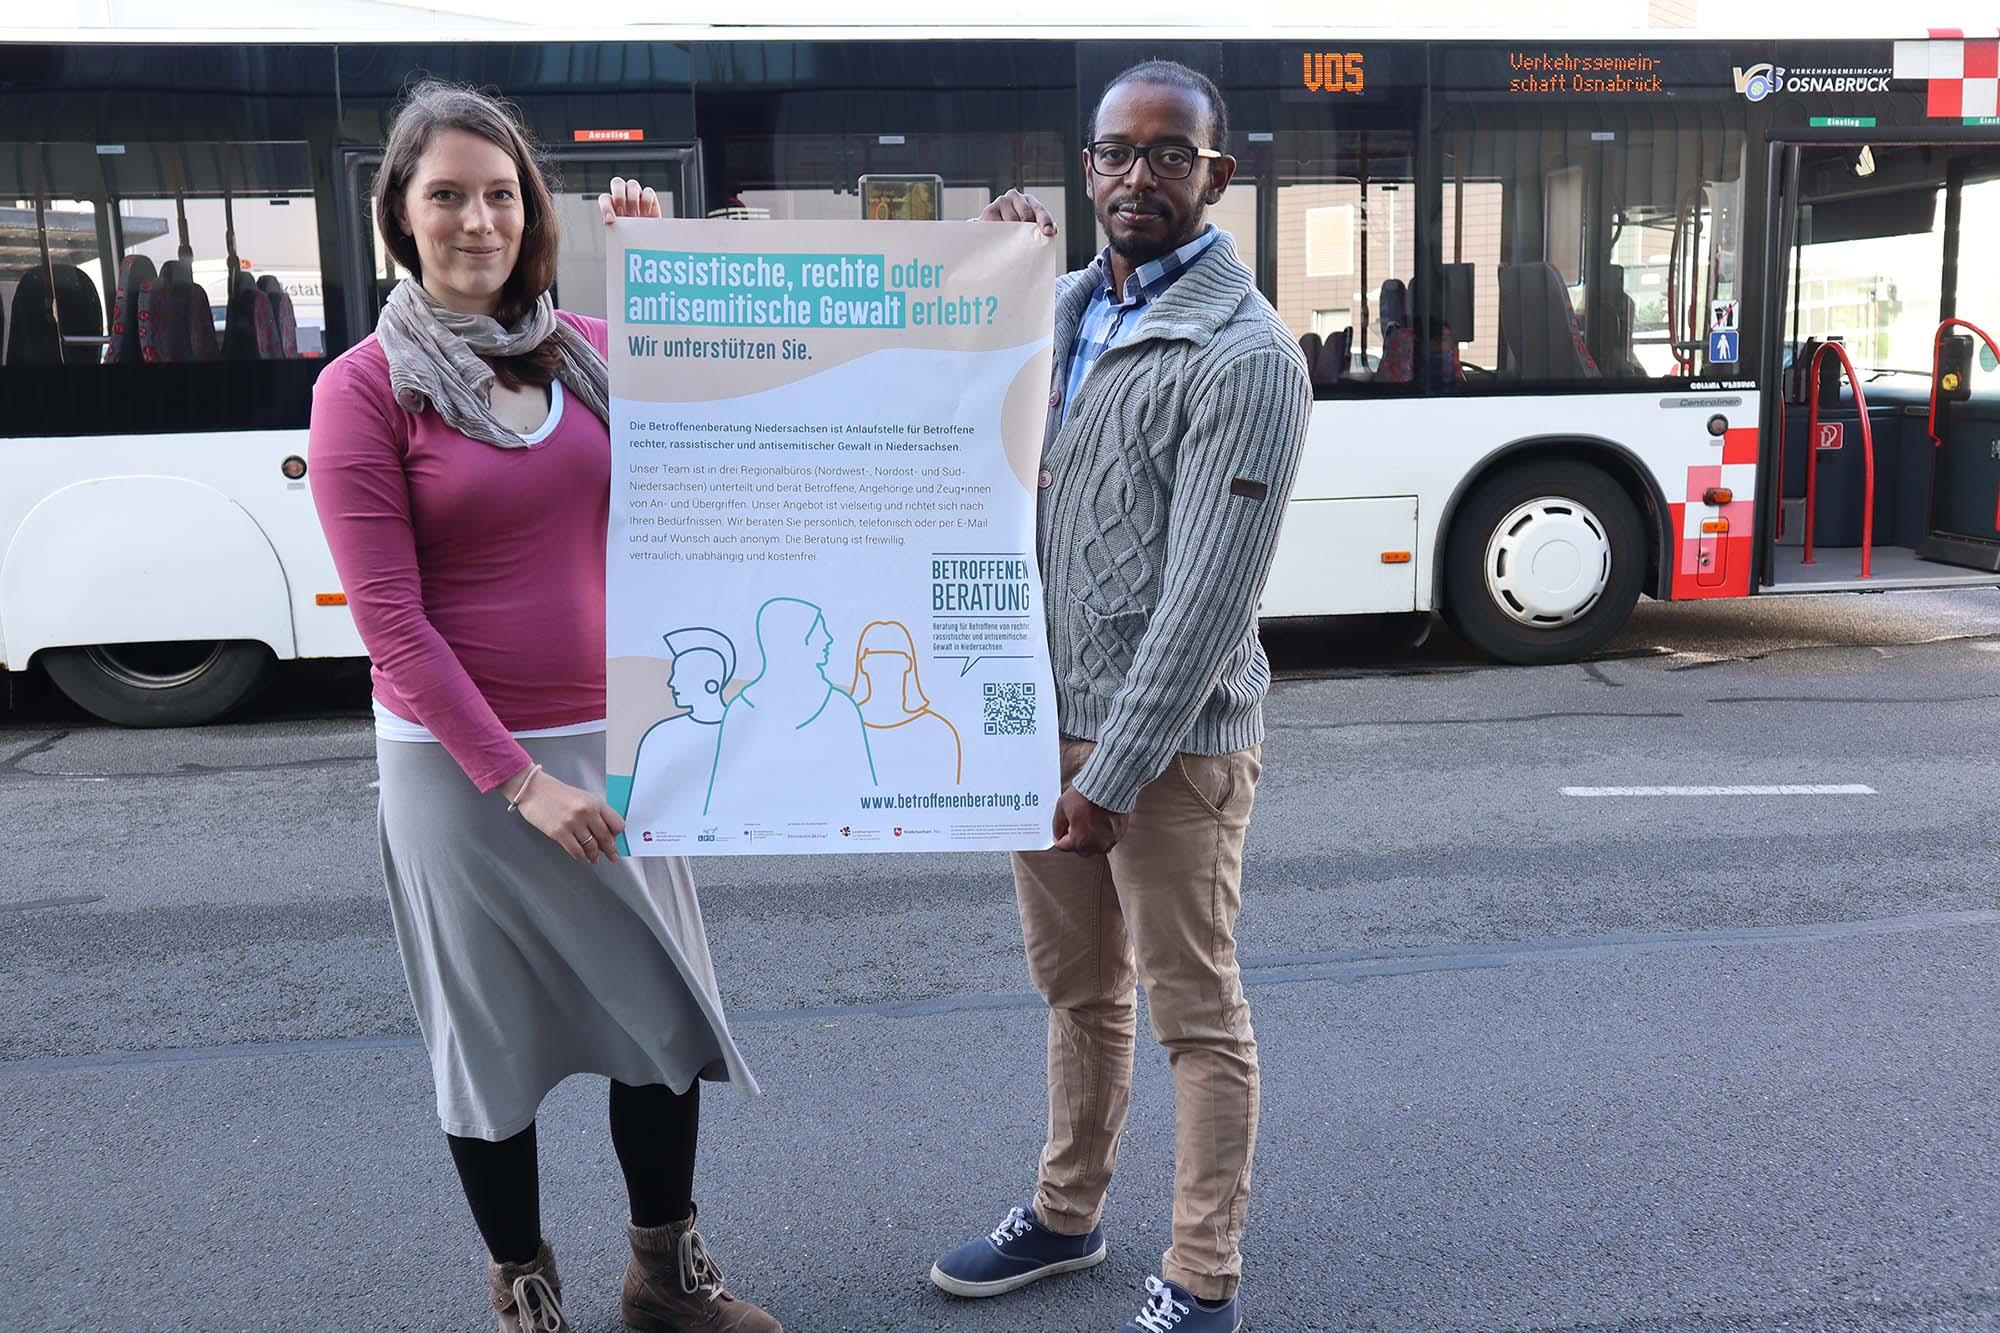 Sara Josef und Ambachew Anjulo von Exil präsentieren das Plakat der Betroffenenberatung Niedersachsen vor einem Bus der Stadtwerke Osnabrück